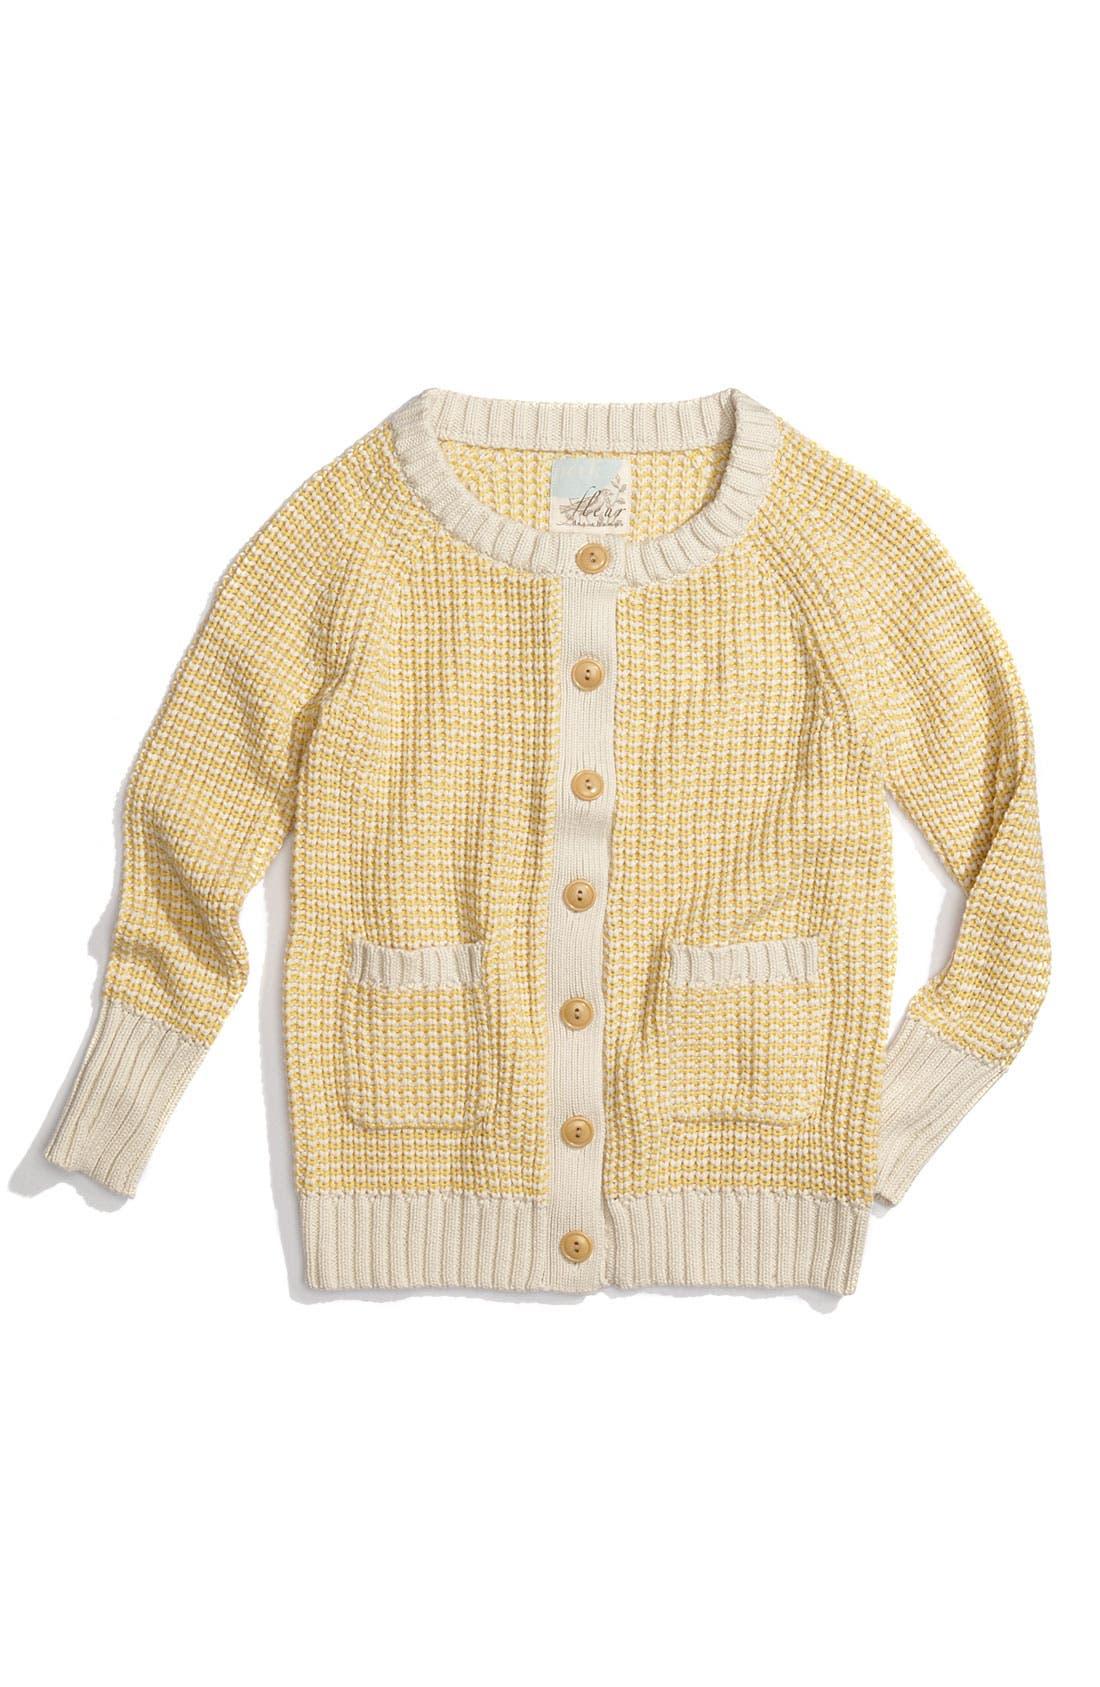 Alternate Image 1 Selected - Peek 2-Tone Knit Cardigan (Toddler, Little Girls & Big Girls)